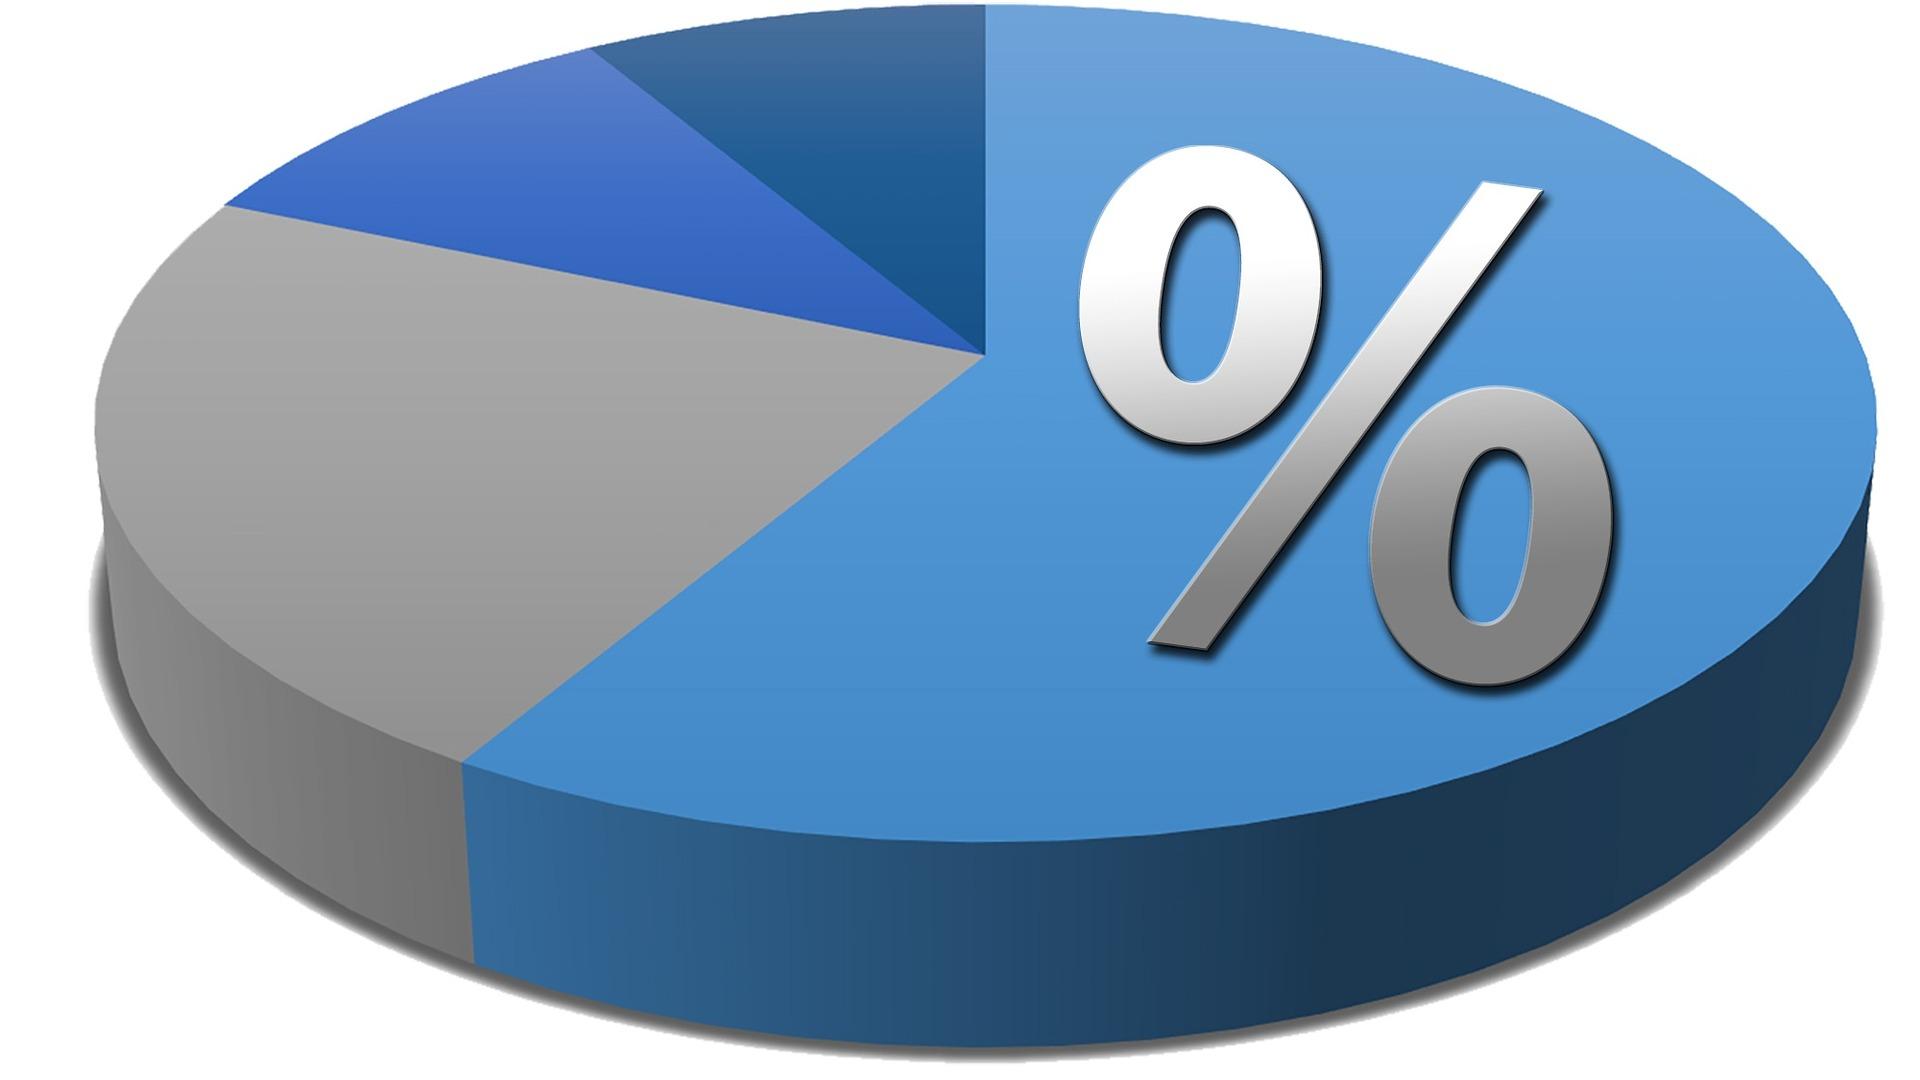 Meinungsumfrage – die Ergebnisse